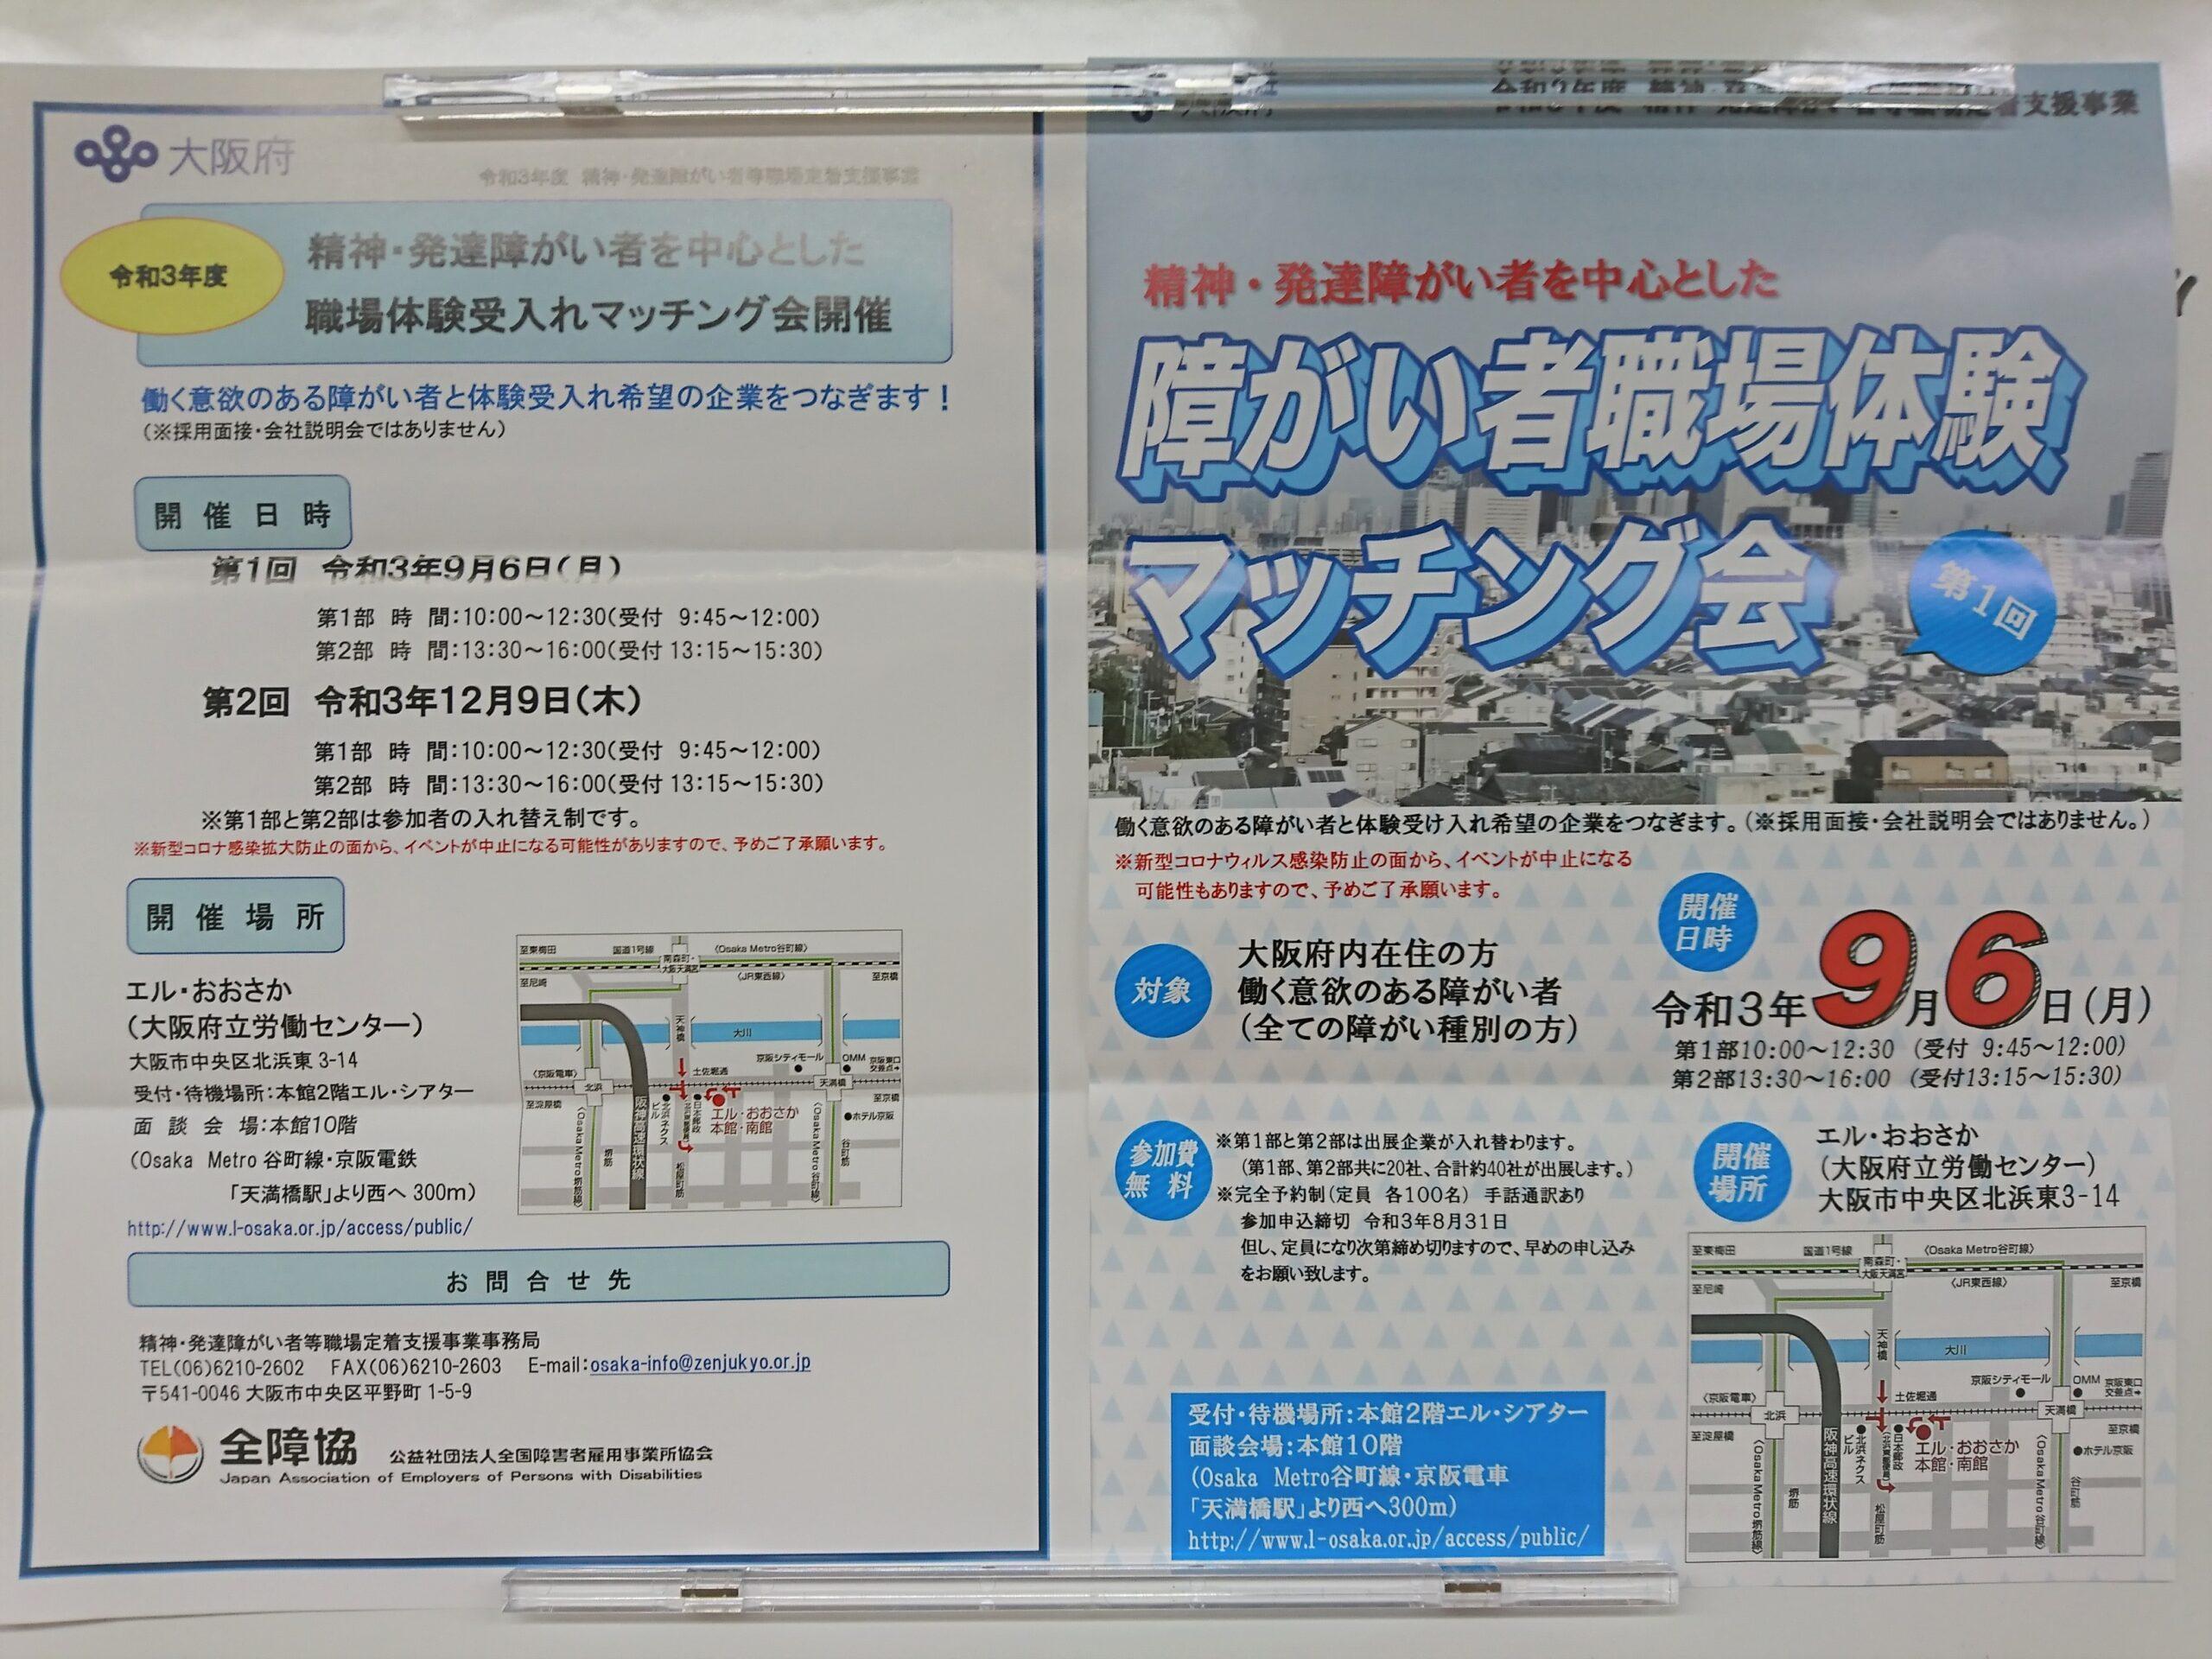 『障がい者職場体験マッチング会のお知らせ』